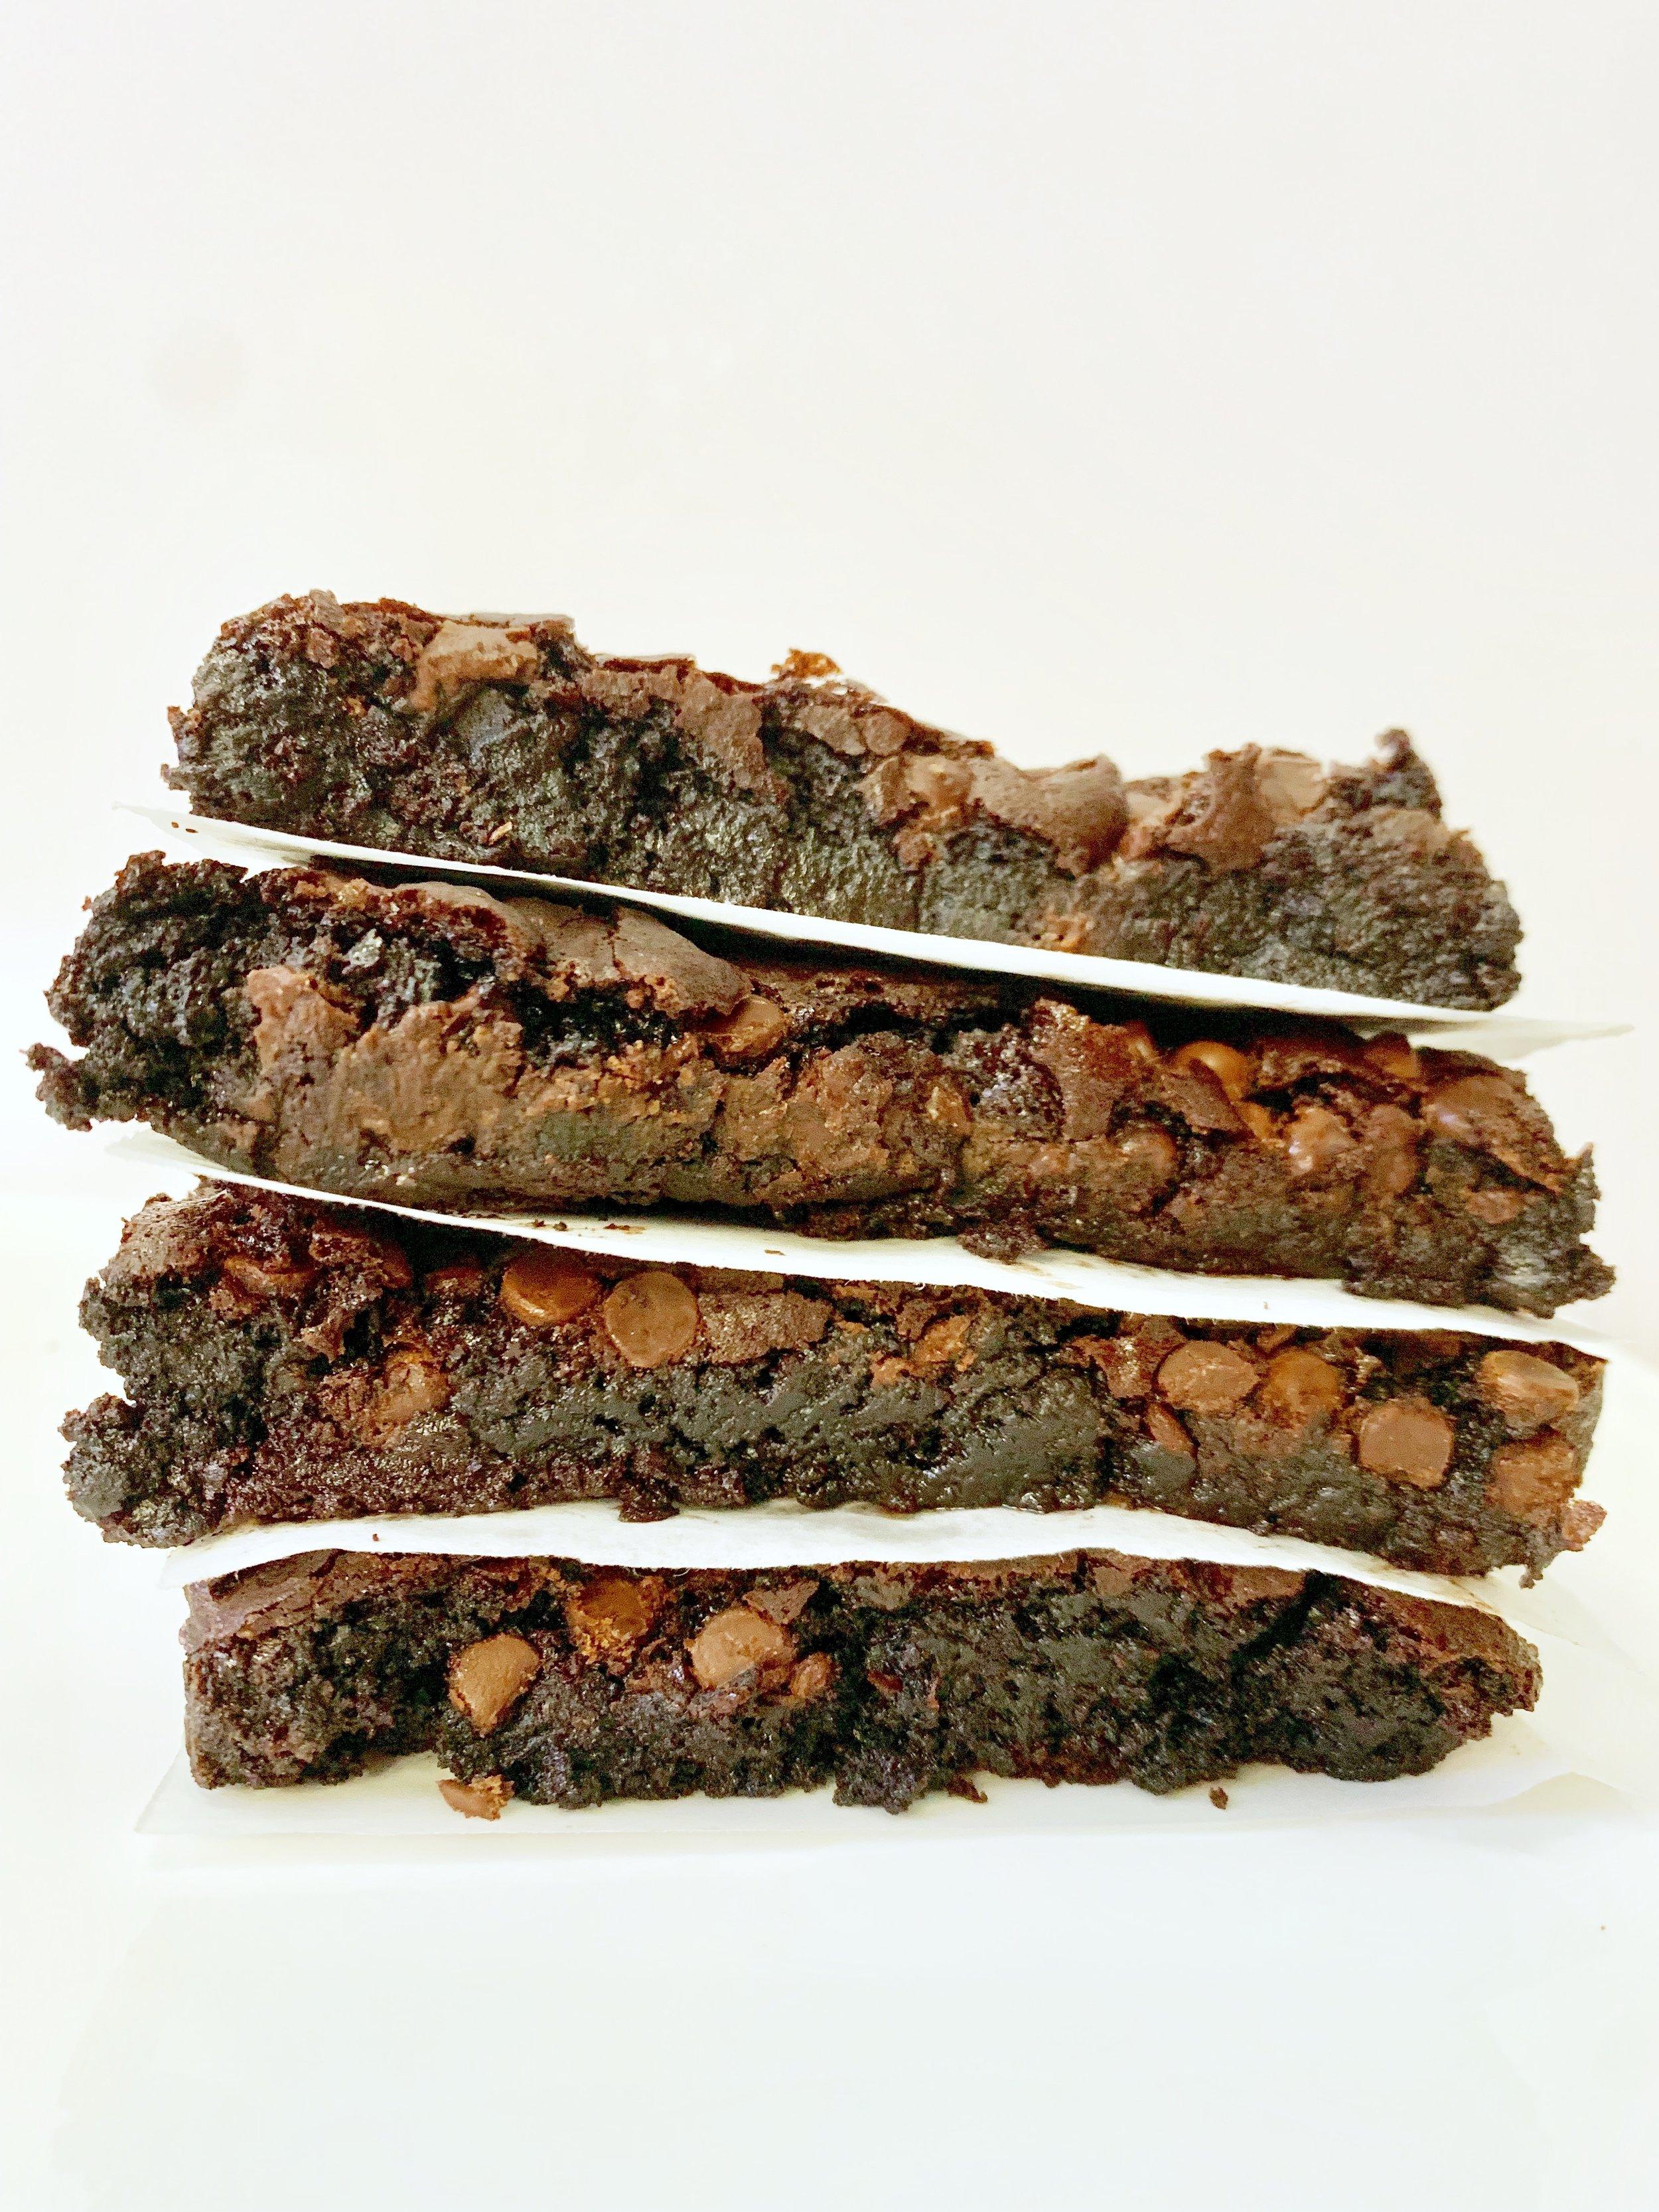 Brownies (1/2 dozen) $21